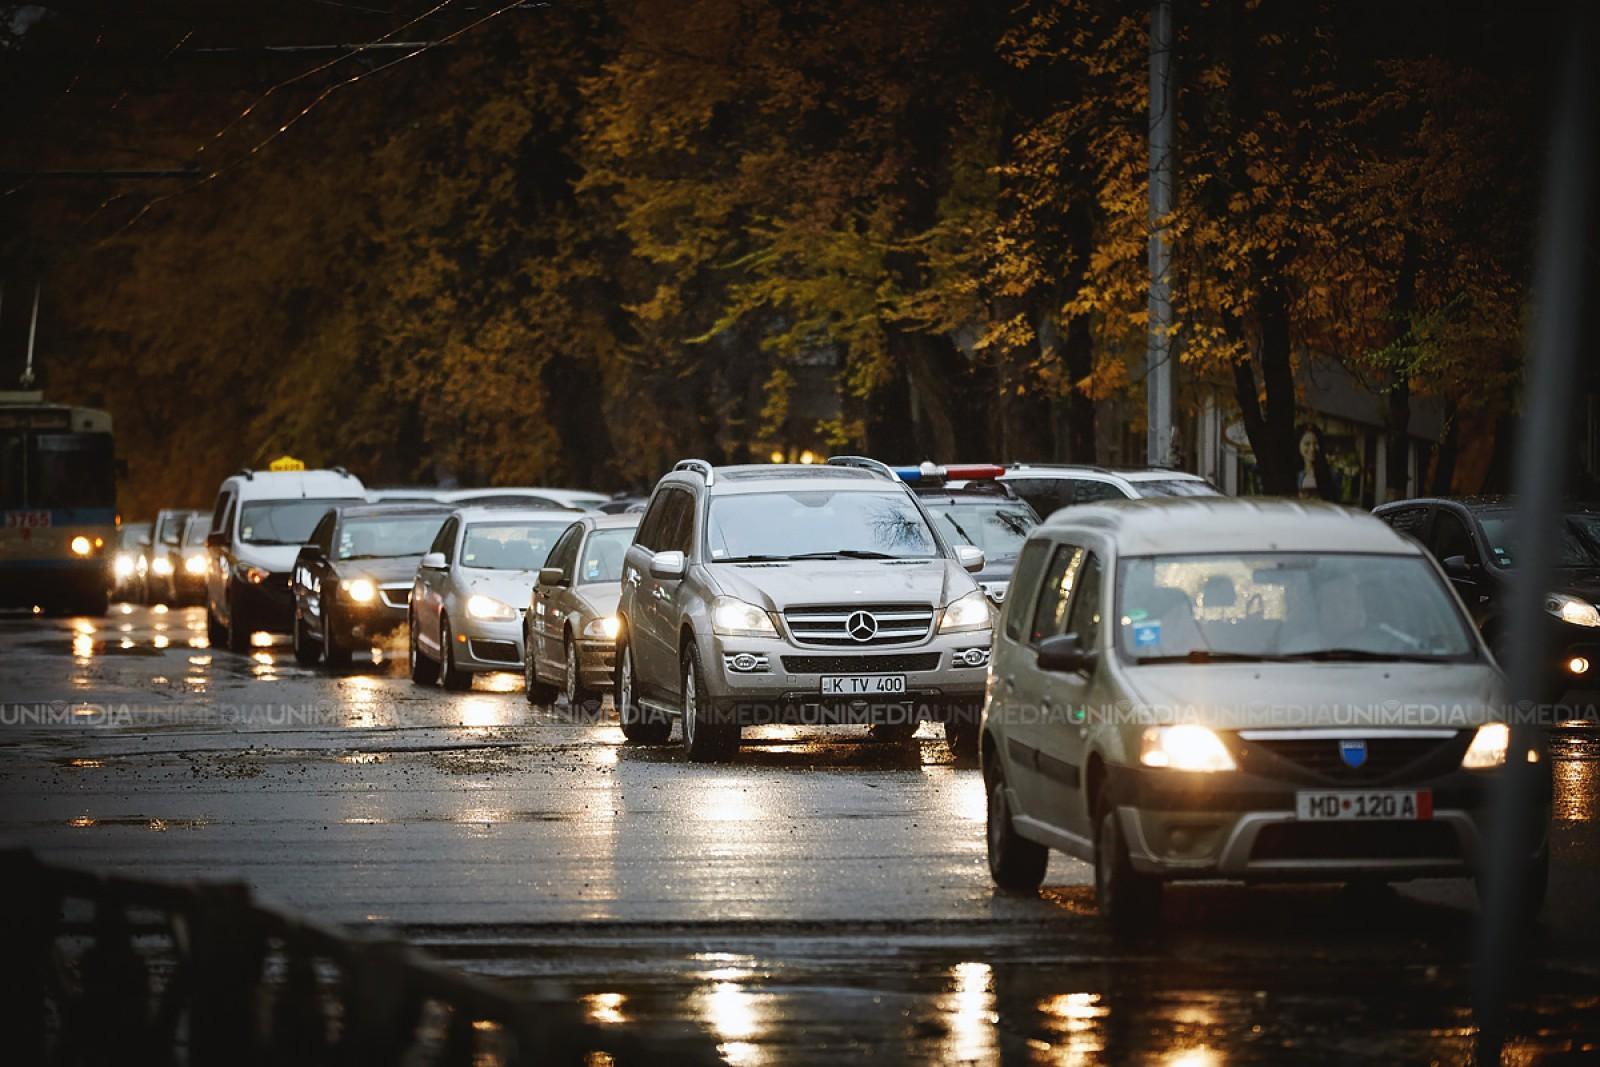 InfoTrafic: Nici un accident la această oră, dar se circulă cu flux majorat pe unele străzi din capitală